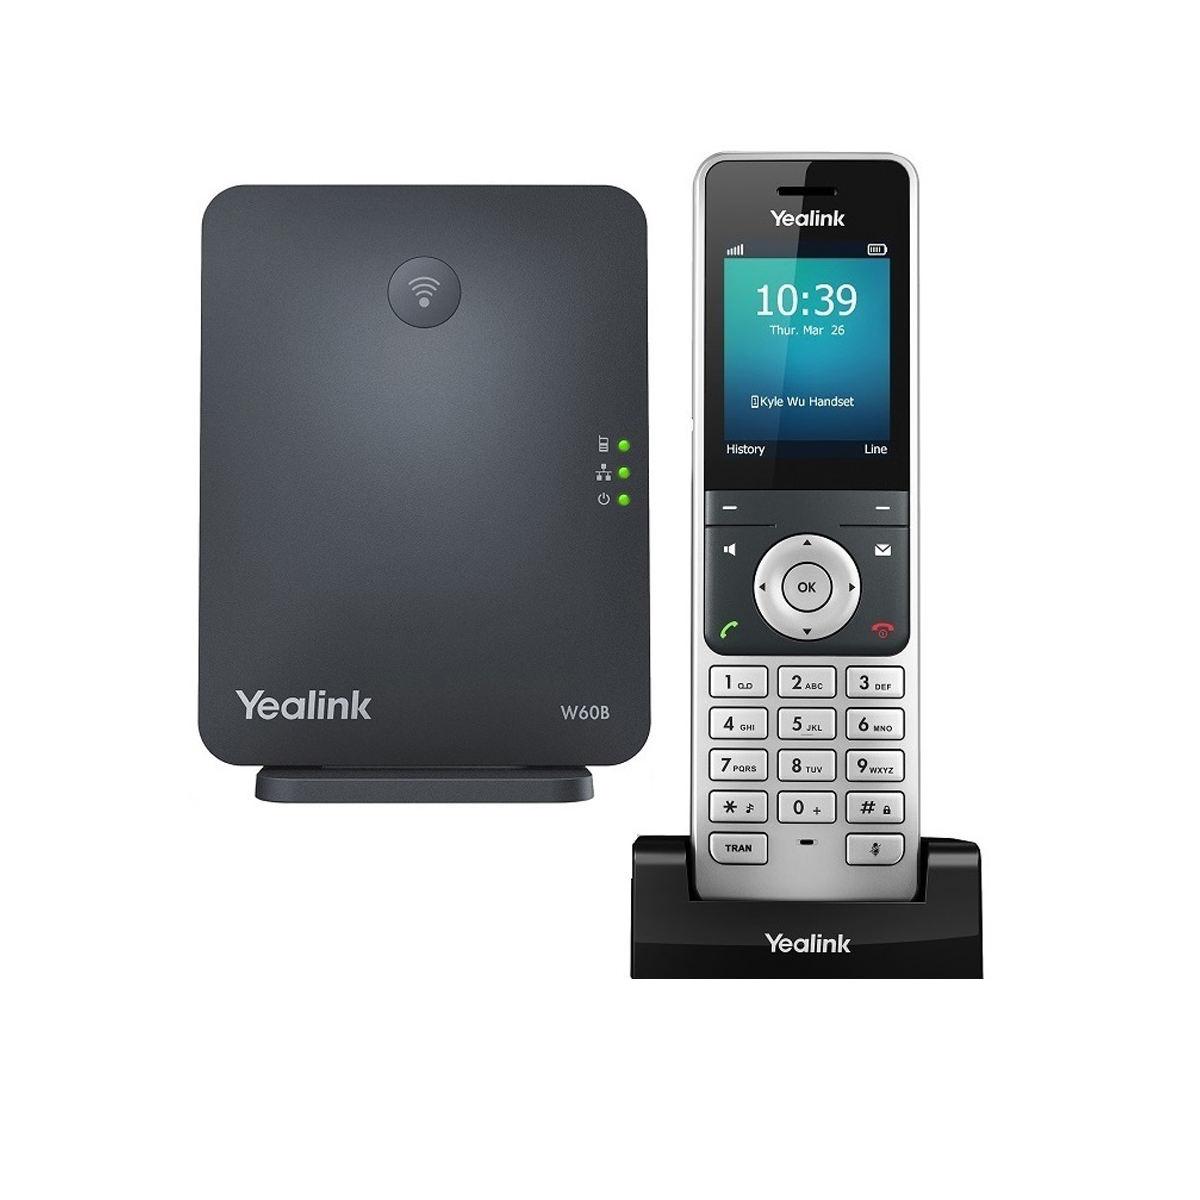 تلفن تحت شبکه بی سیم یالینک مدل W60P